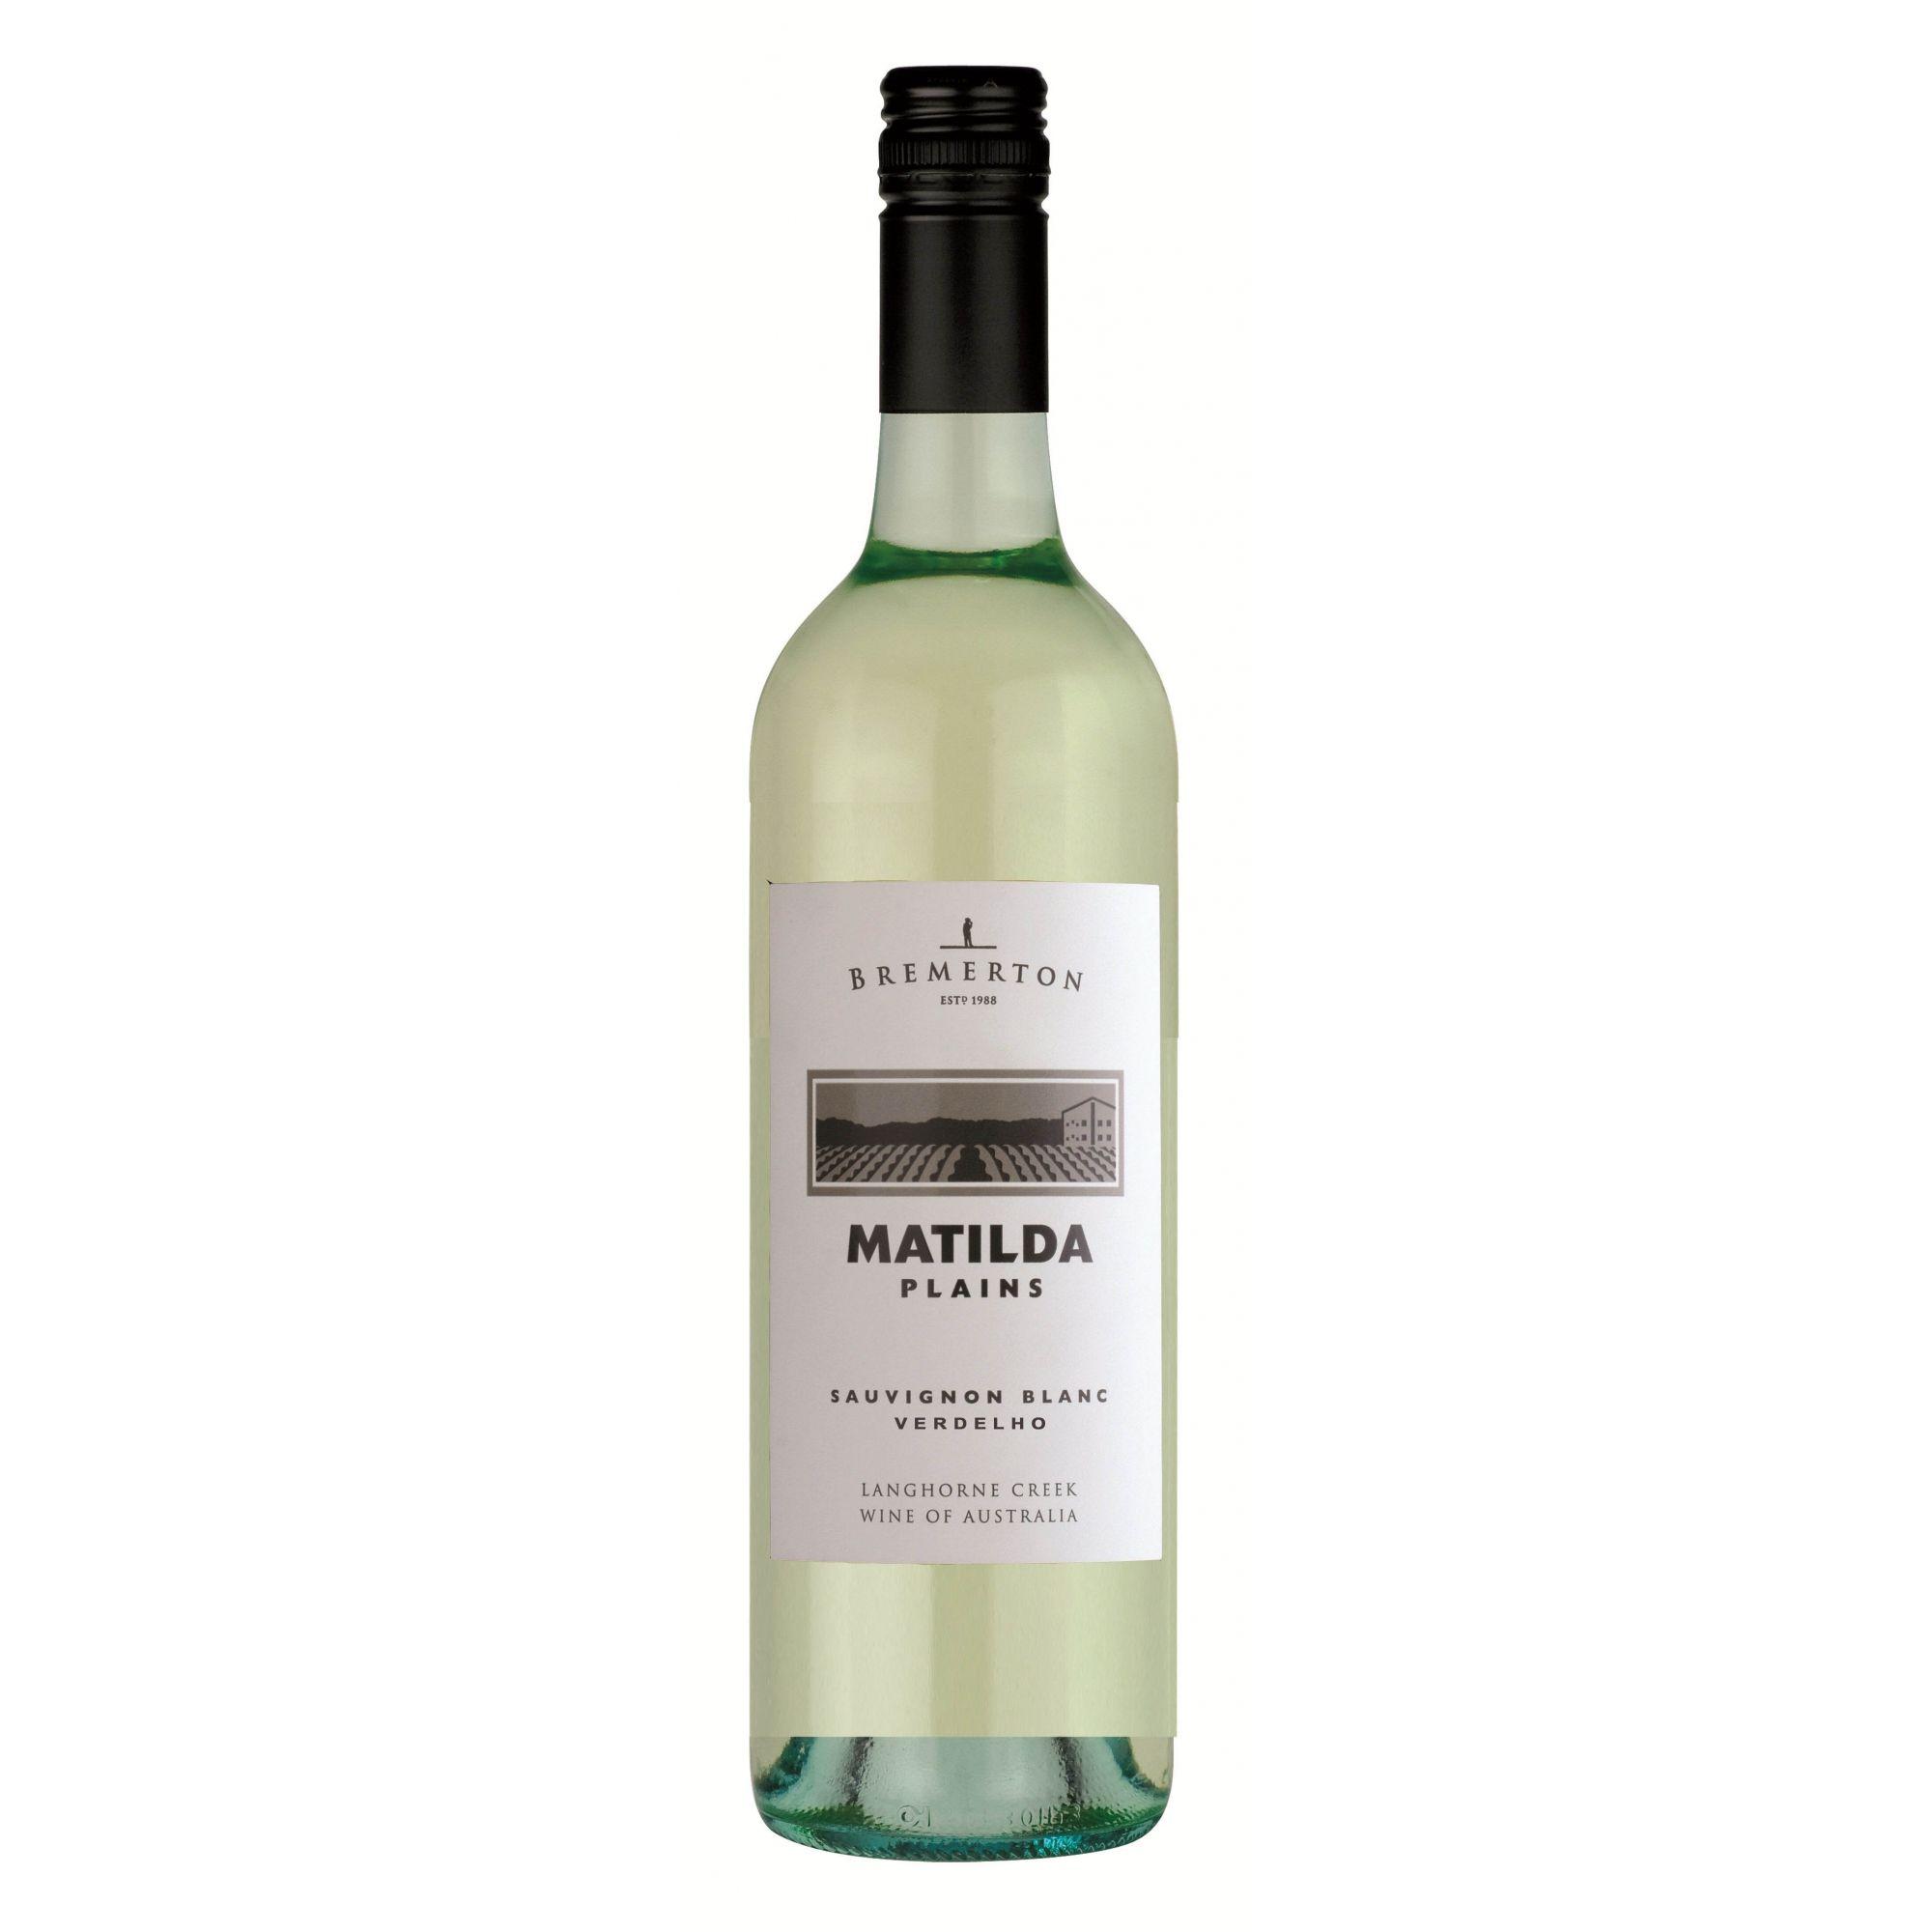 Vinho Bremerton Matilda Sauvignon Blanc - Verdelho